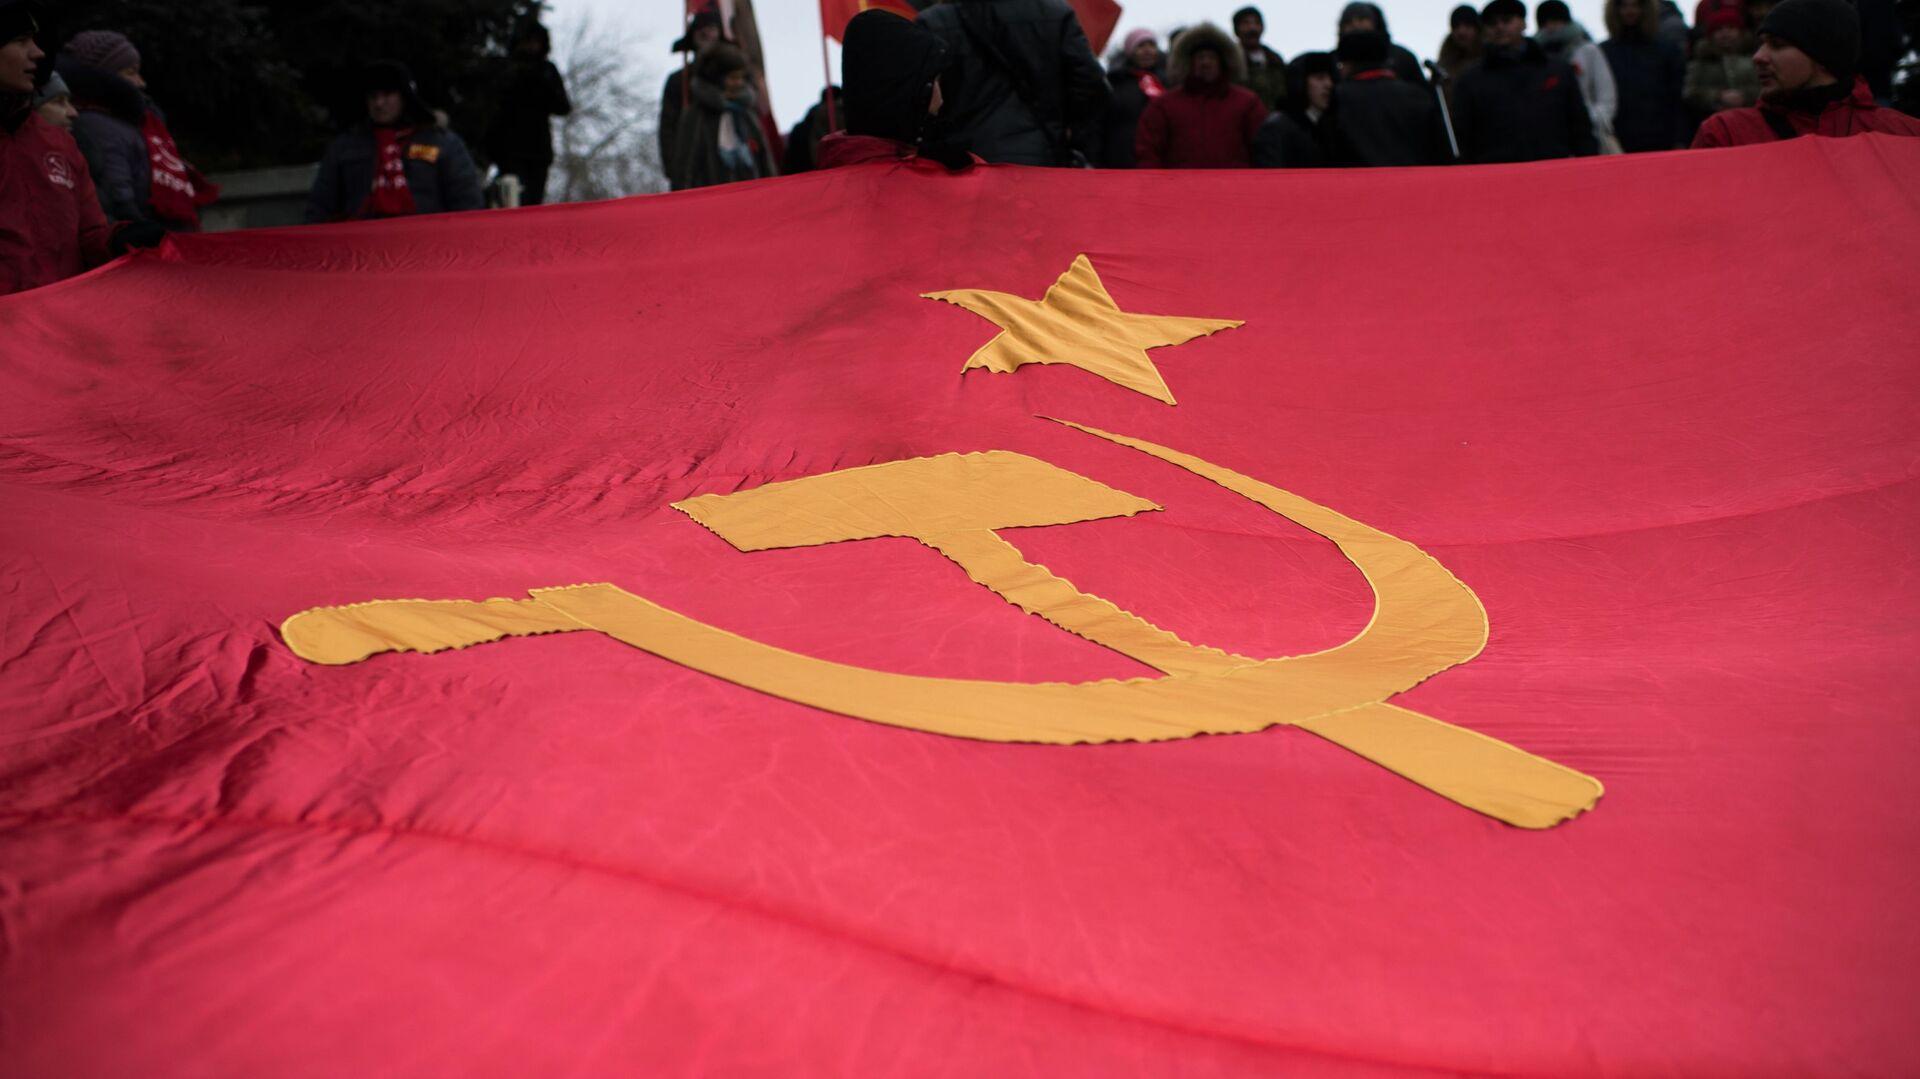 Bandera de la URSS en una marcha dedicada al aniversario de la Revolución de Octubre (2016) - Sputnik Mundo, 1920, 18.08.2021